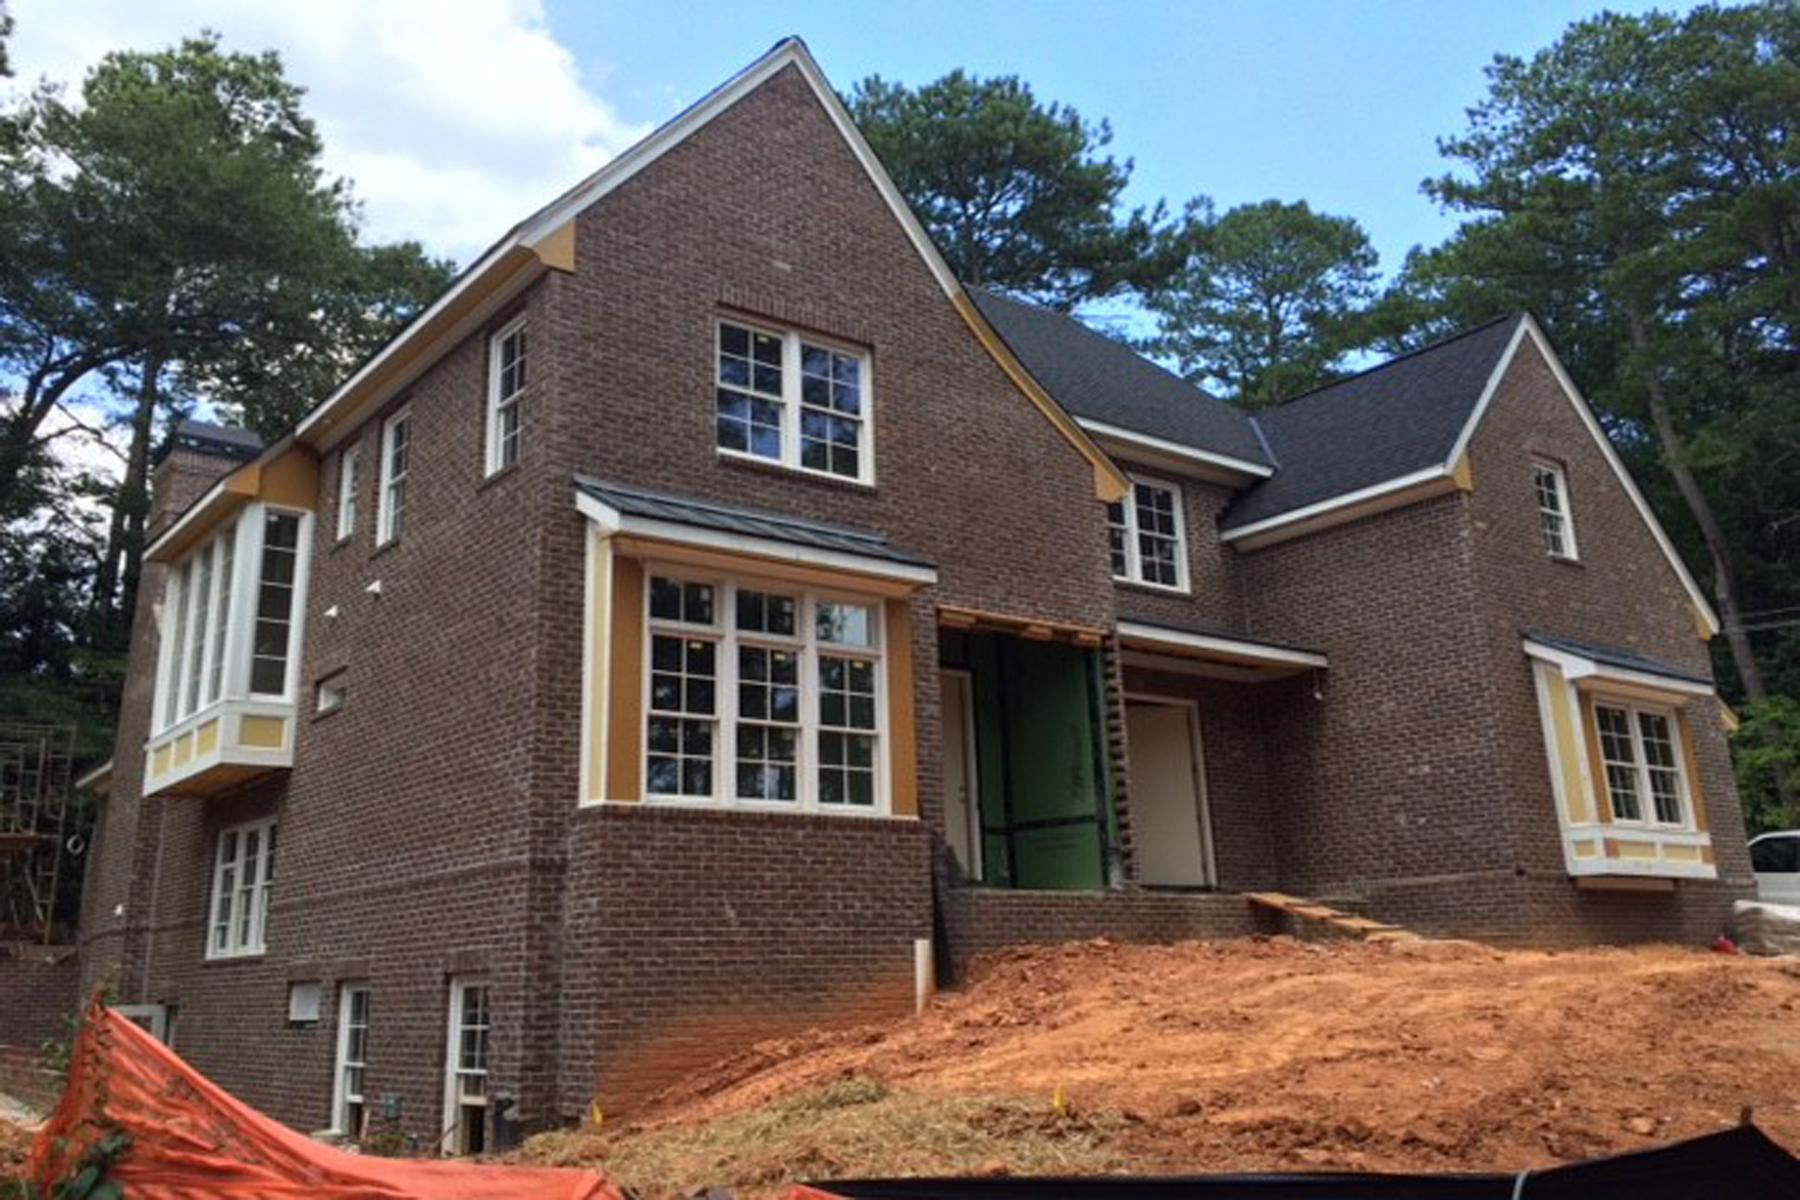 Casa Unifamiliar por un Venta en New Construction Home In Buckhead 1287 Battleview Drive NW Buckhead, Atlanta, Georgia 30327 Estados Unidos